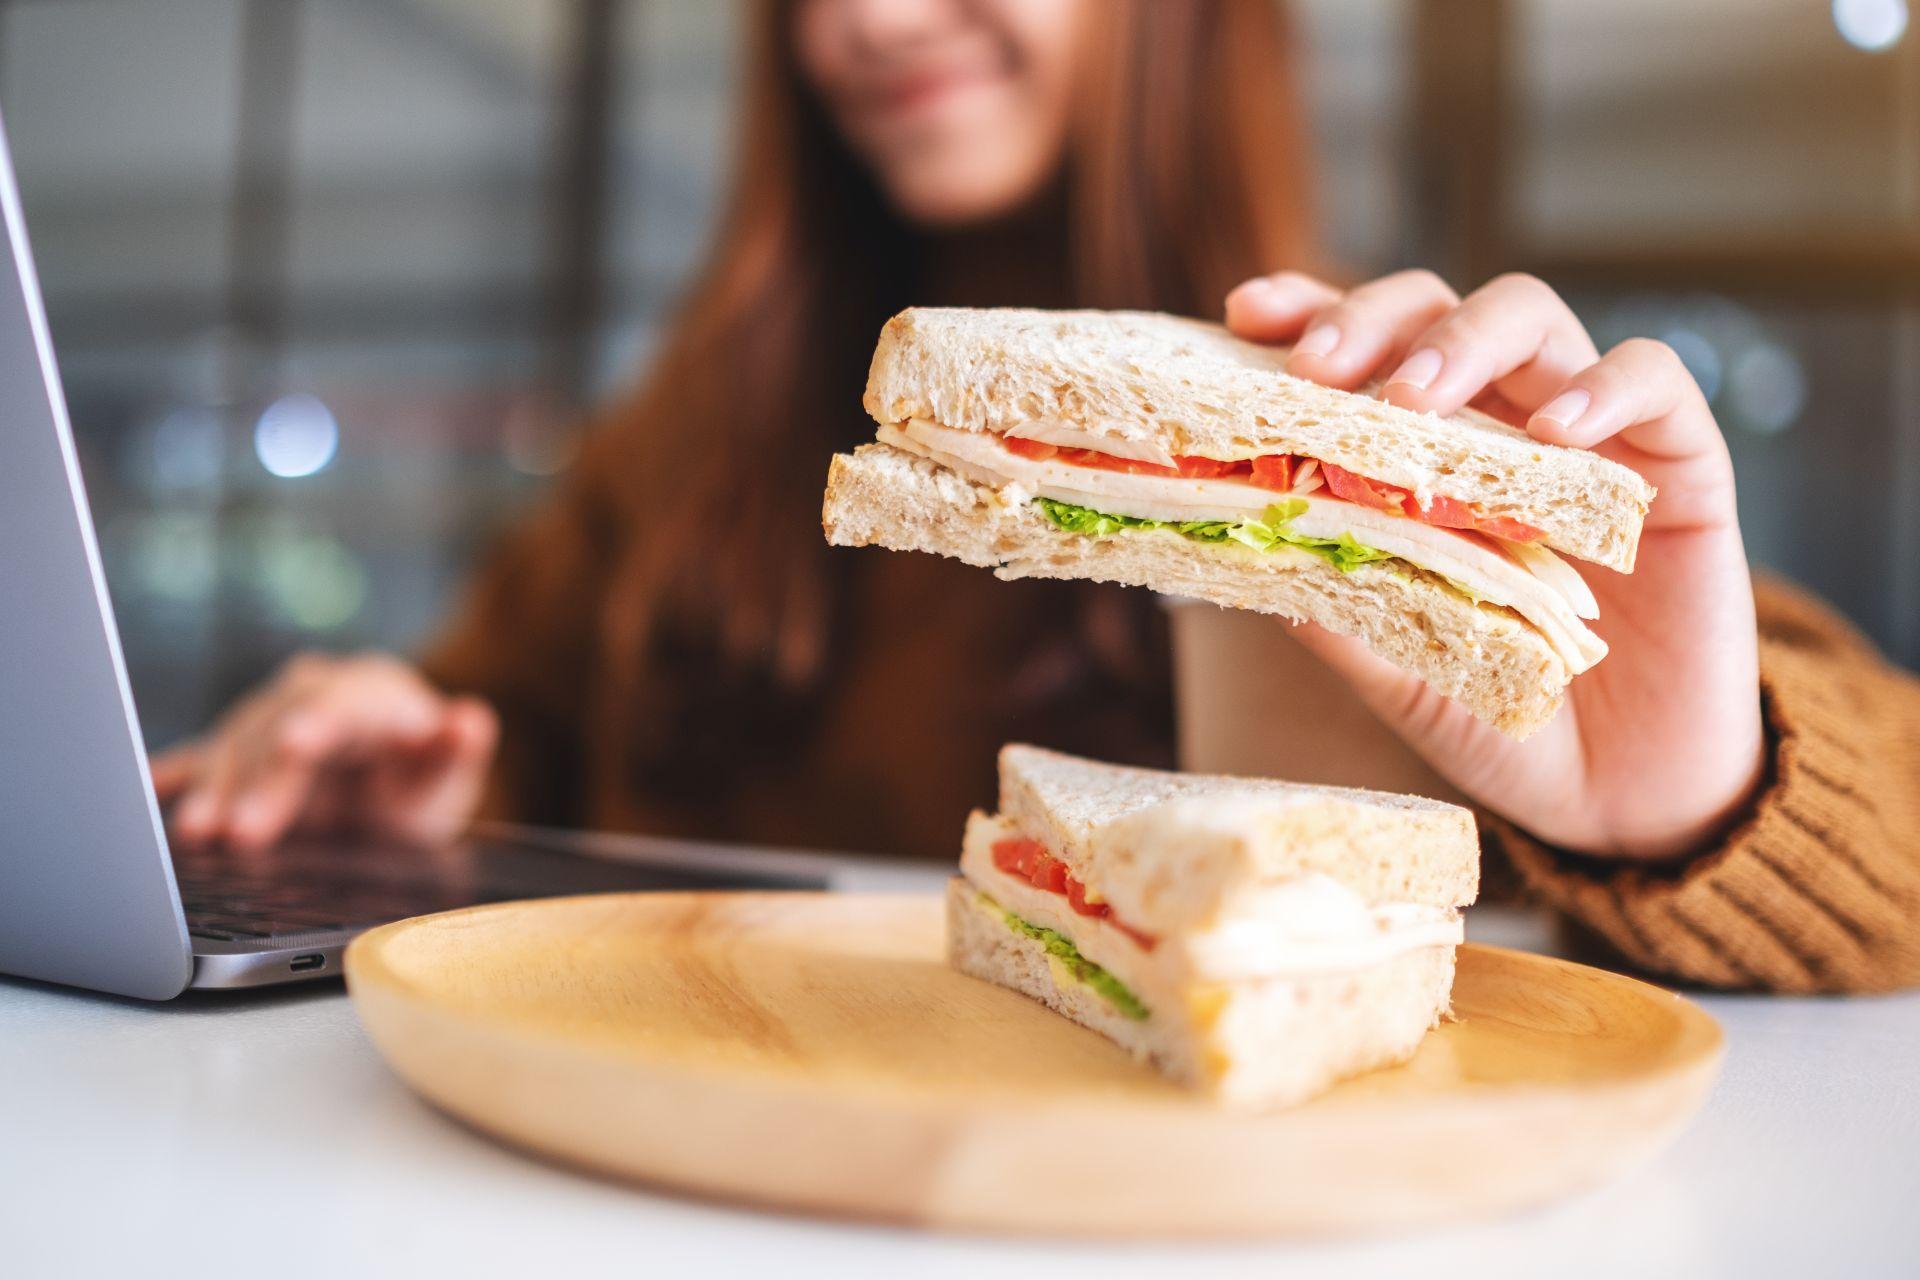 Co jeść zimą, aby mieć siłę i energię do pracy? Dieta dla zapracowanych powinna być bogata w kwas DHA, który wpływa na prawidłowe funkcjonowanie mózgu i wzroku oraz kwasy Omega-3, które wspierają wzmacnianie odporności organizmu. Sprawdź, jak powinna wyglądać dieta zimowa dla zapracowanych.